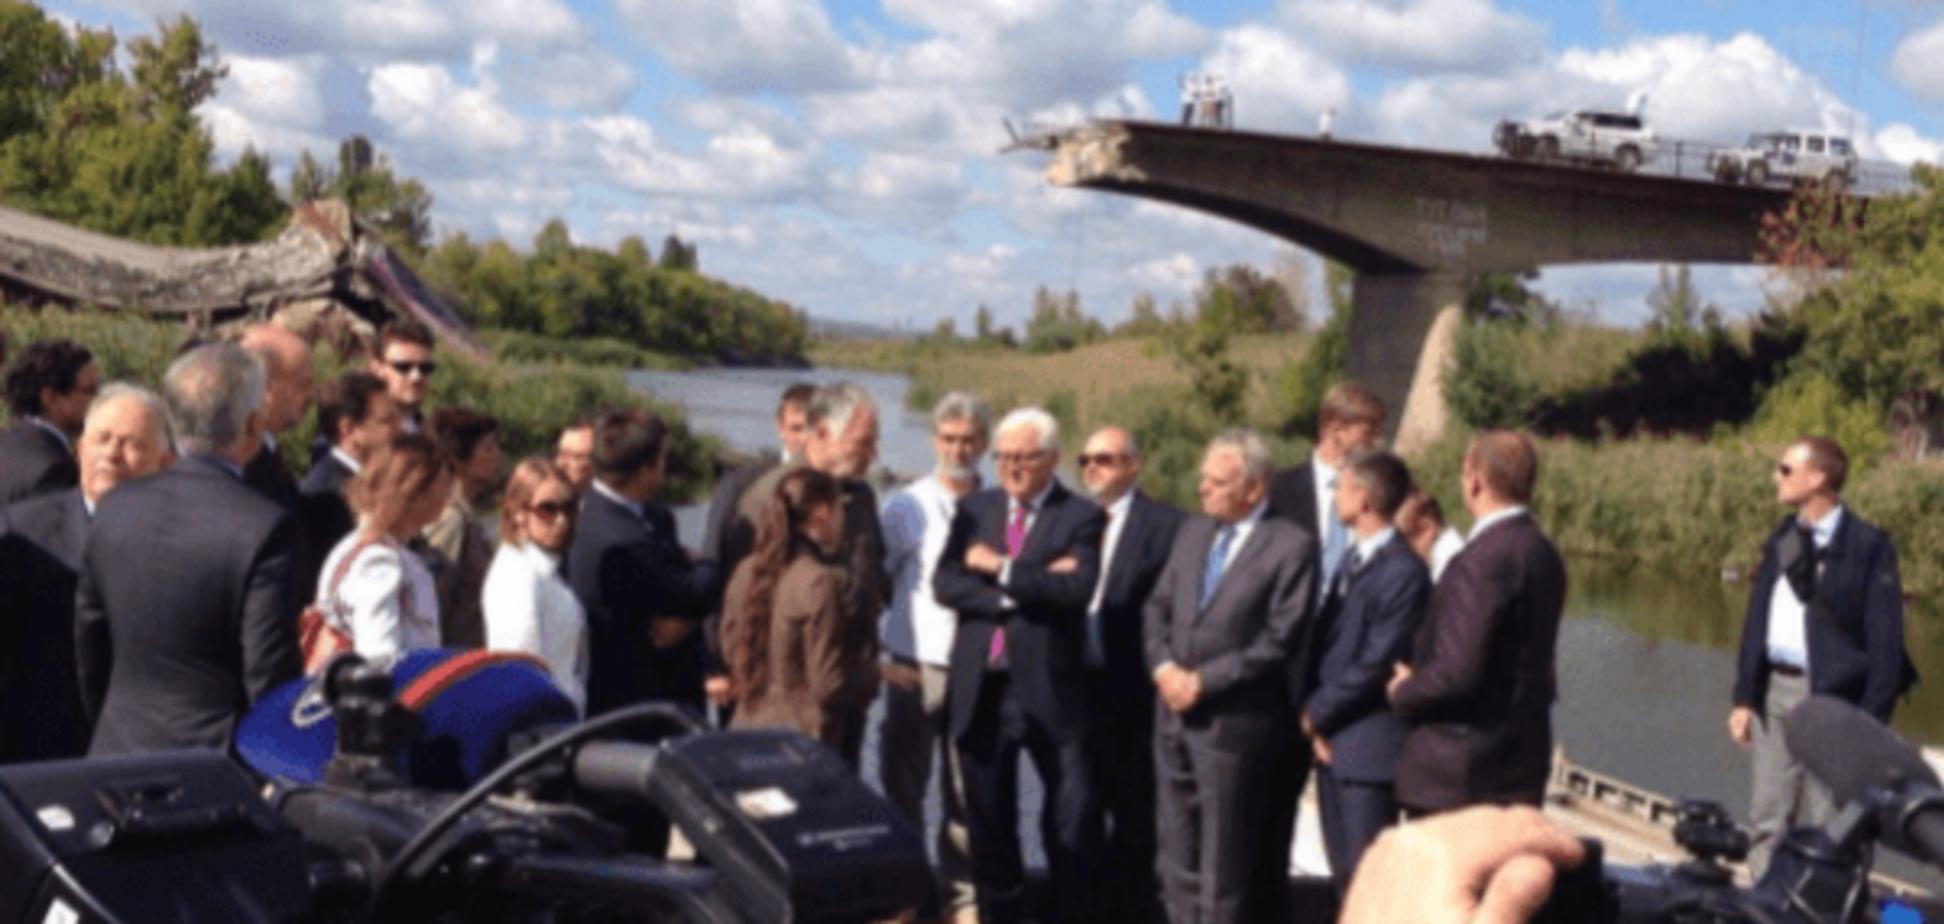 Жебривский показал Штайнмайеру и Эйро разрушенный войной мост в Славянске: фотофакт